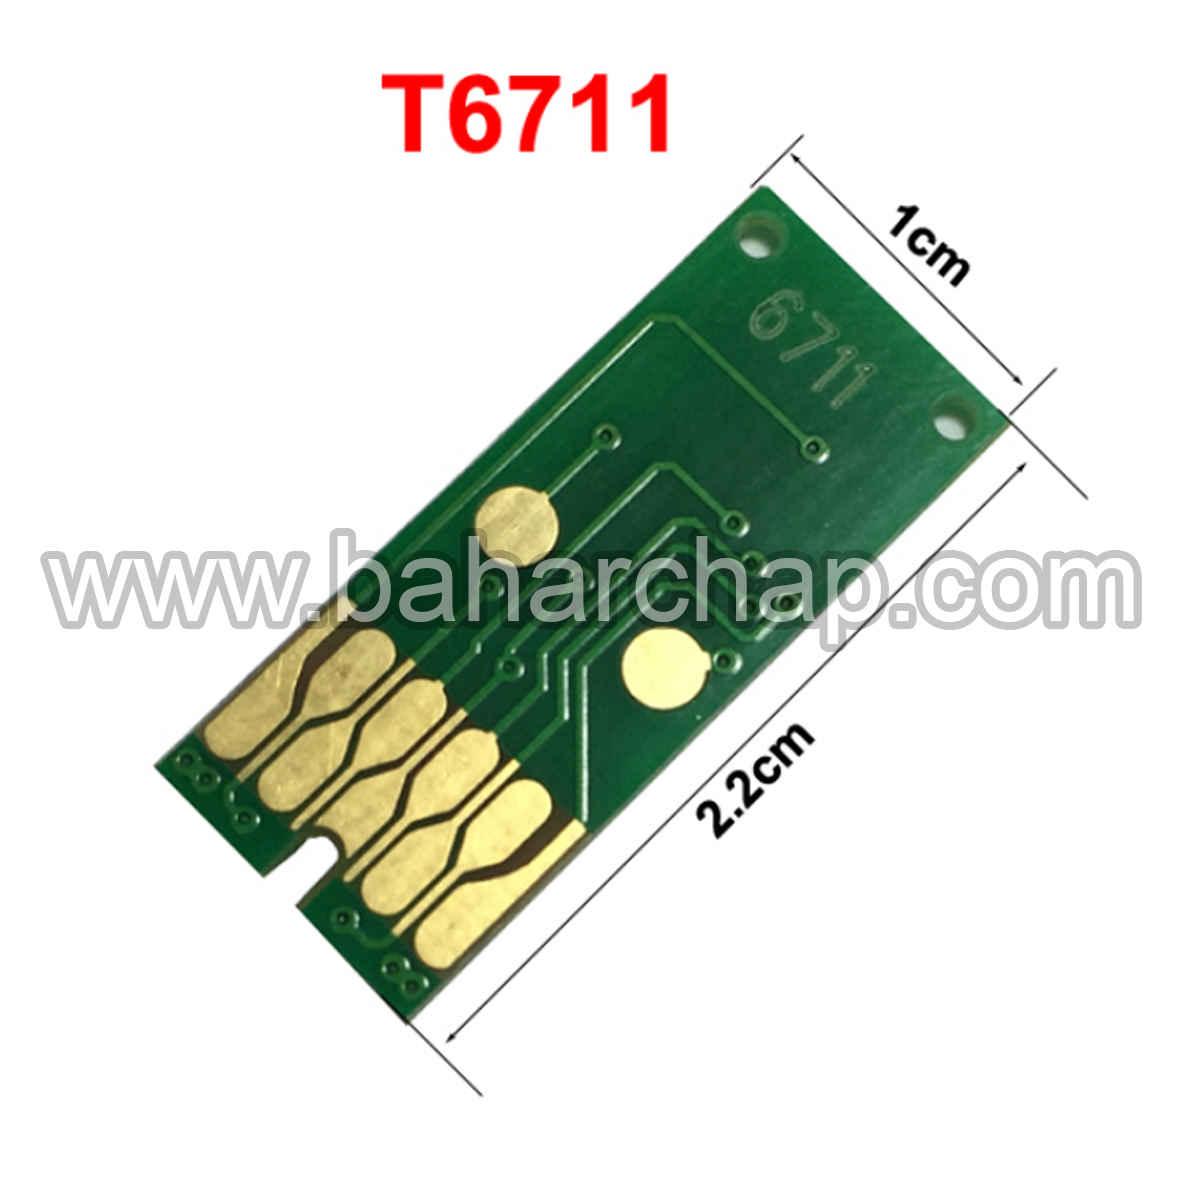 فروشگاه و خدمات اینترنتی بهارچاپ اصفهان-چیپ مخزن ضایعات  اپسون T6710-T6711 - T6711 Maintenance Tanks Chip for Epson